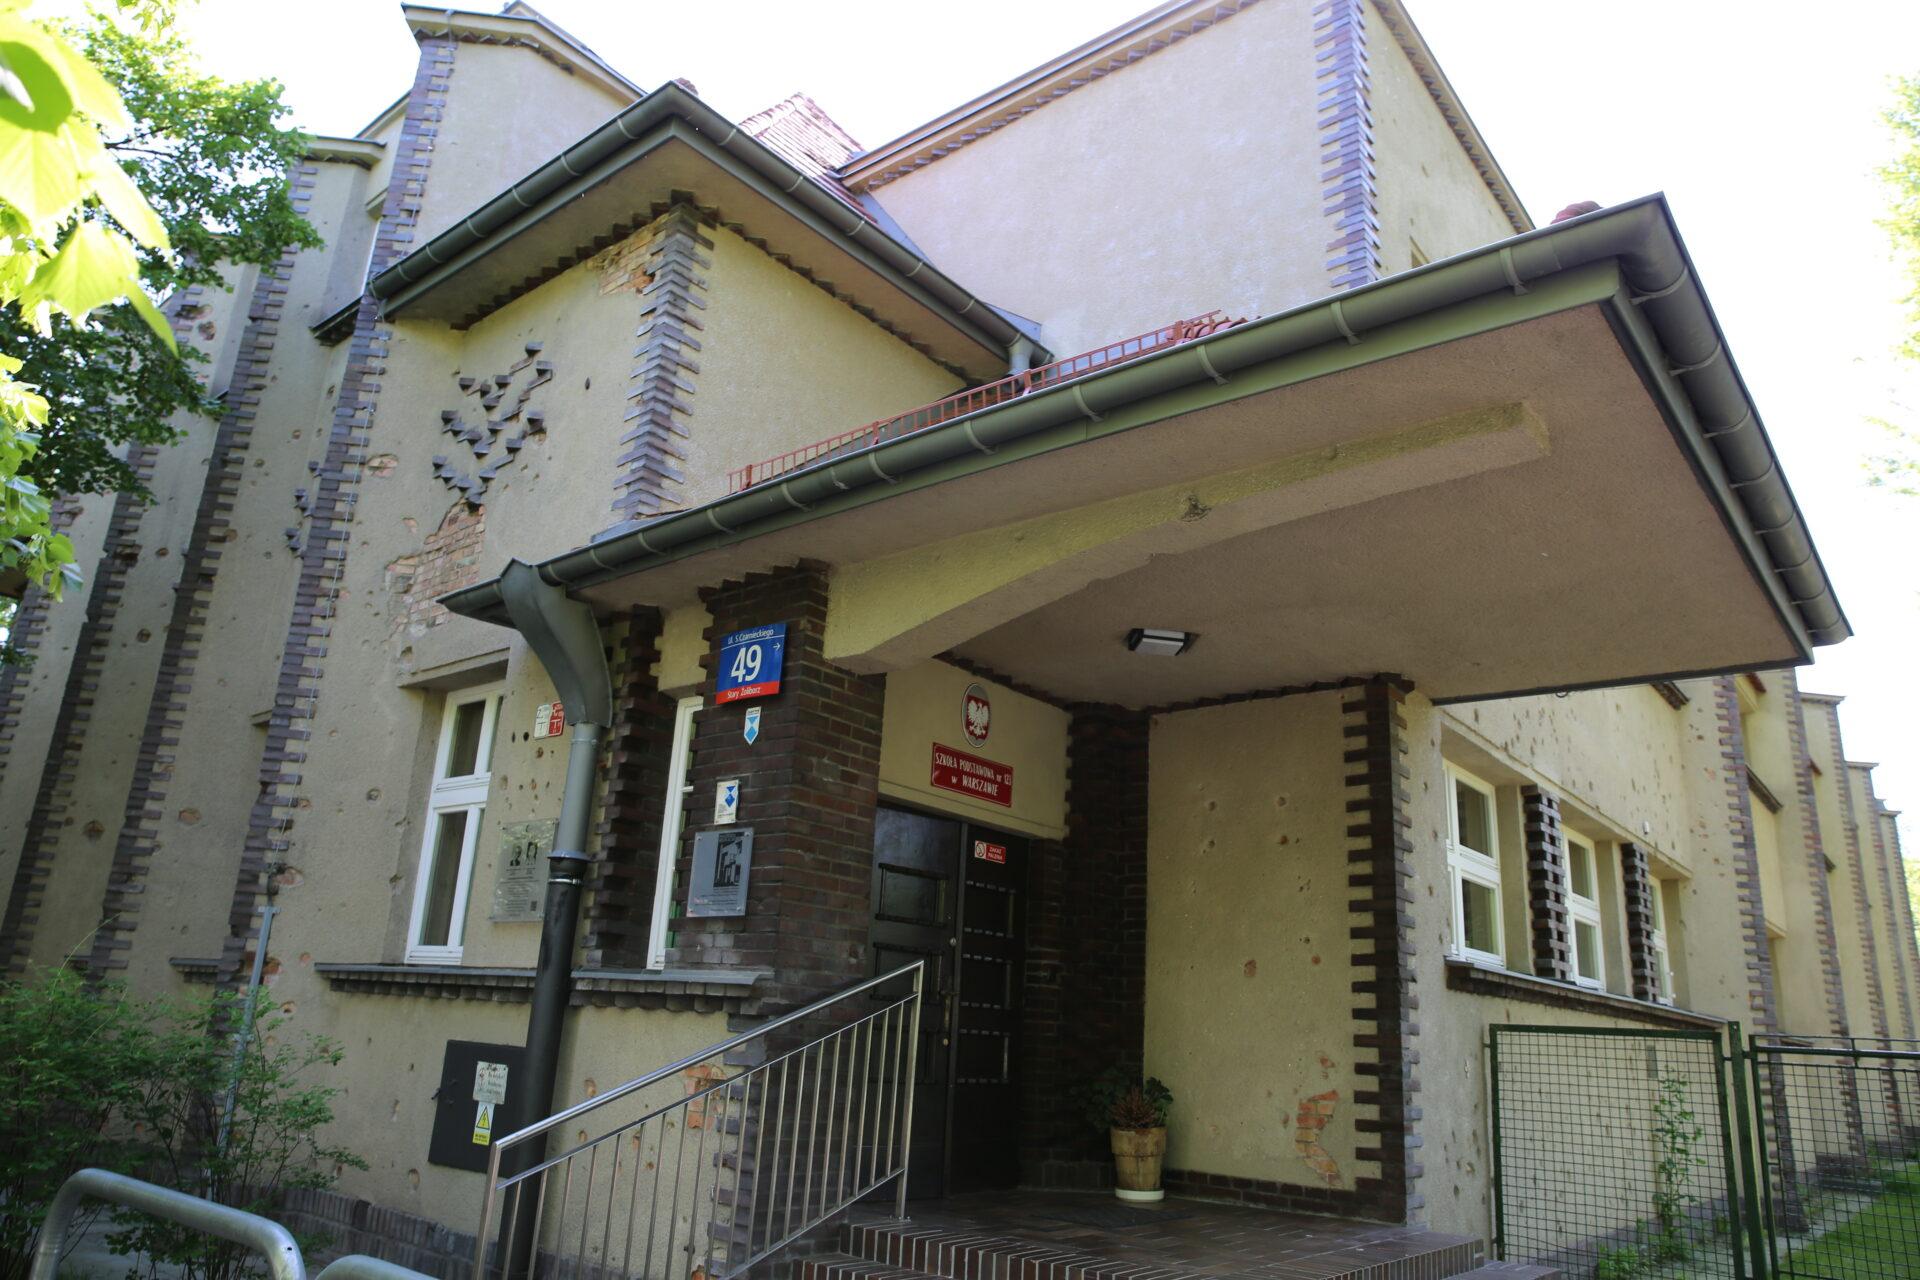 Zdjęcie kolorowe, współczesne. Wejście dobudynku szkolnego.